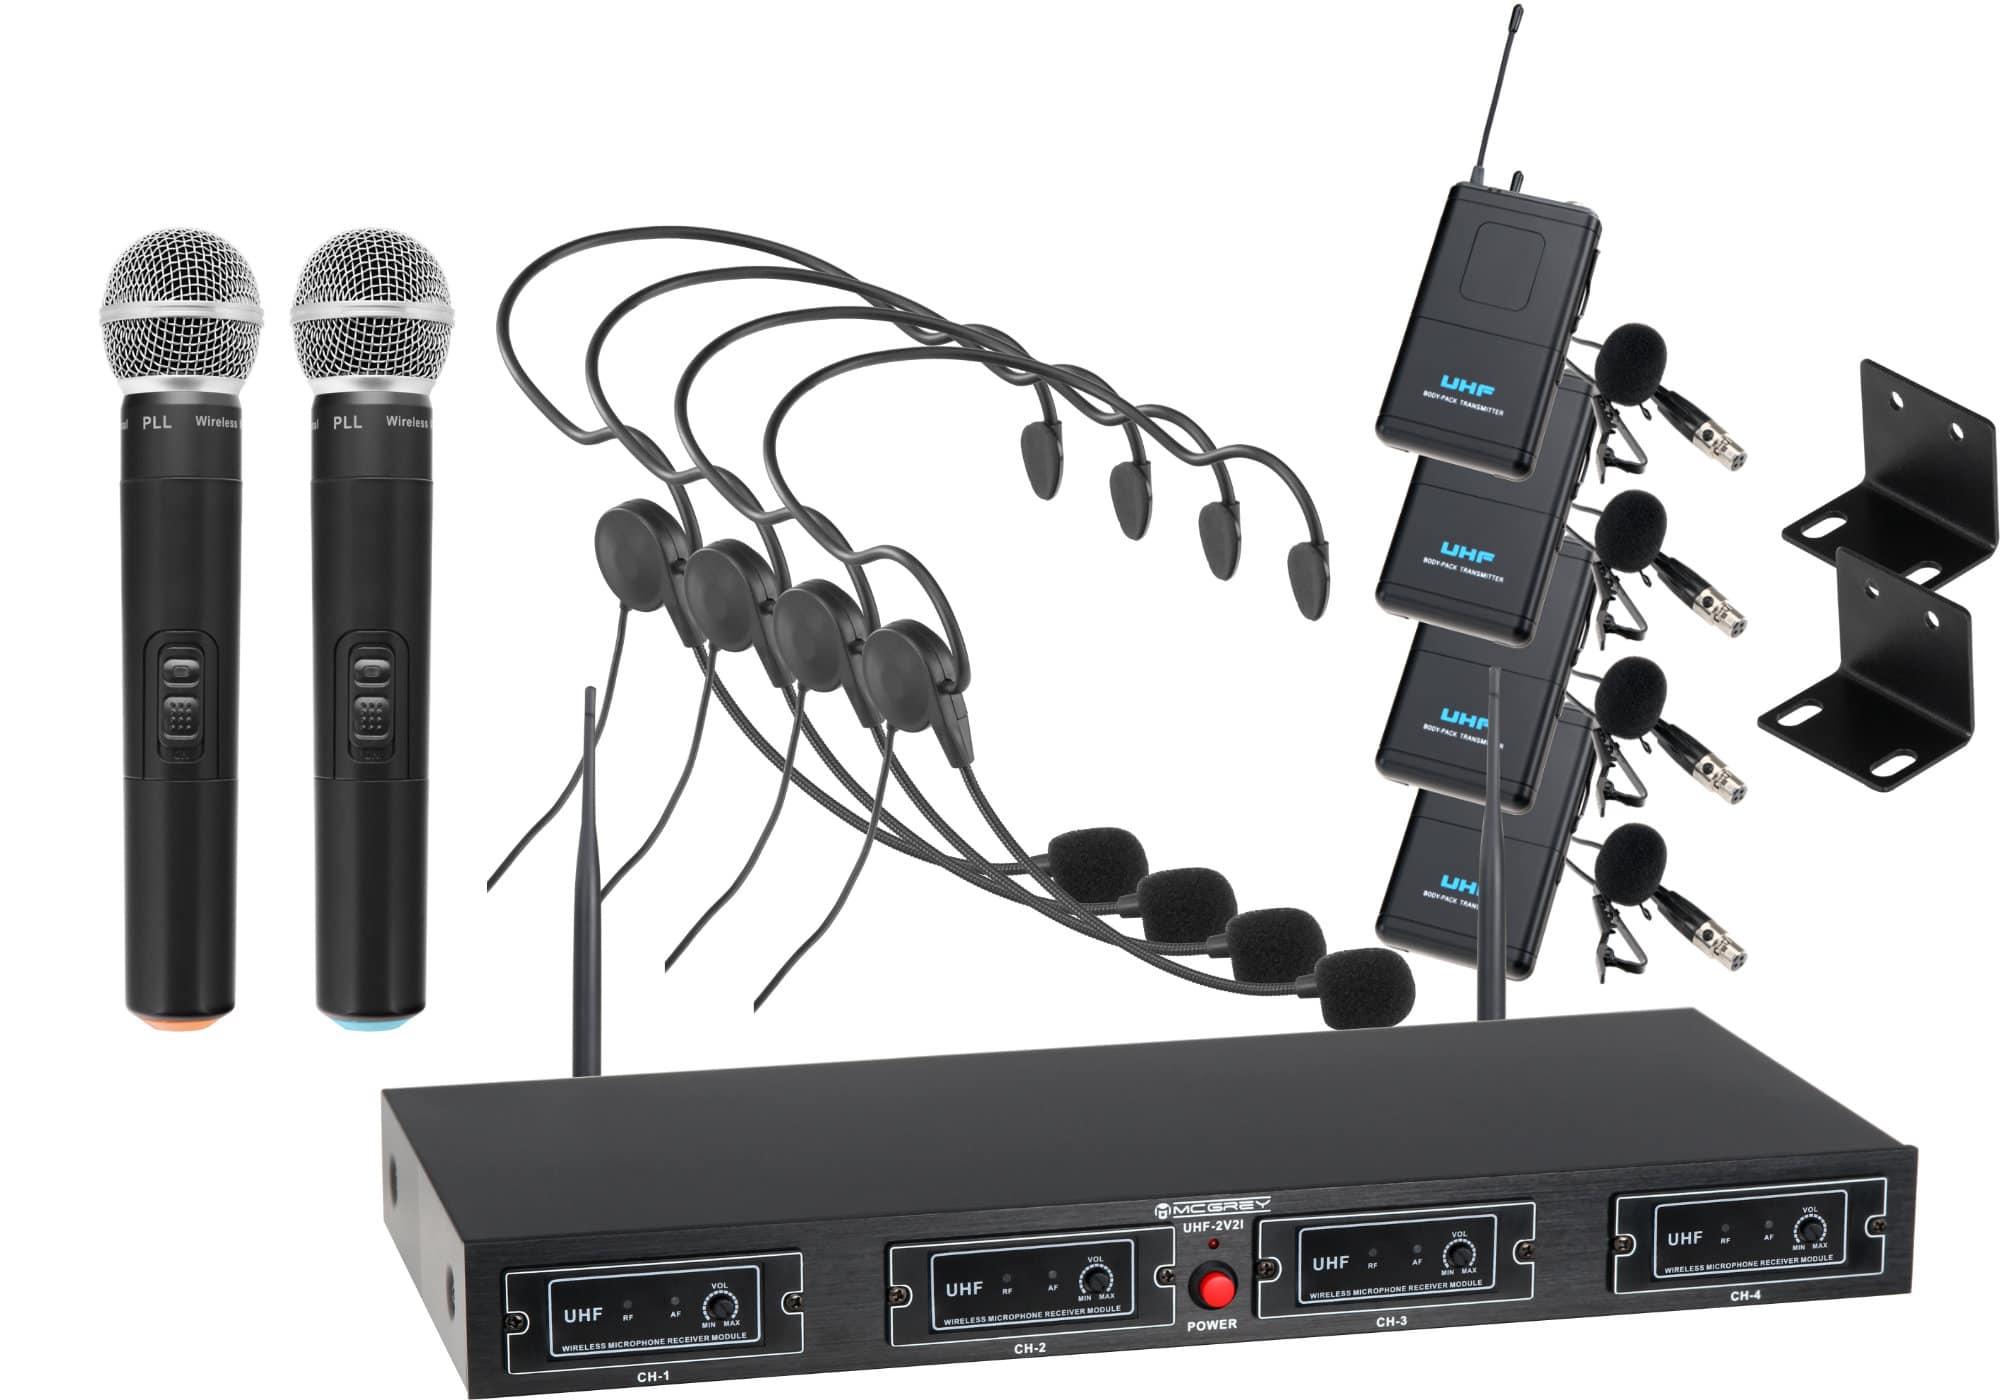 Drahtlossysteme - McGrey UHF 2V4H Quad Funkmikrofon Set mit 2x Handmikrofon, 4 Headsets und Taschensender - Onlineshop Musikhaus Kirstein